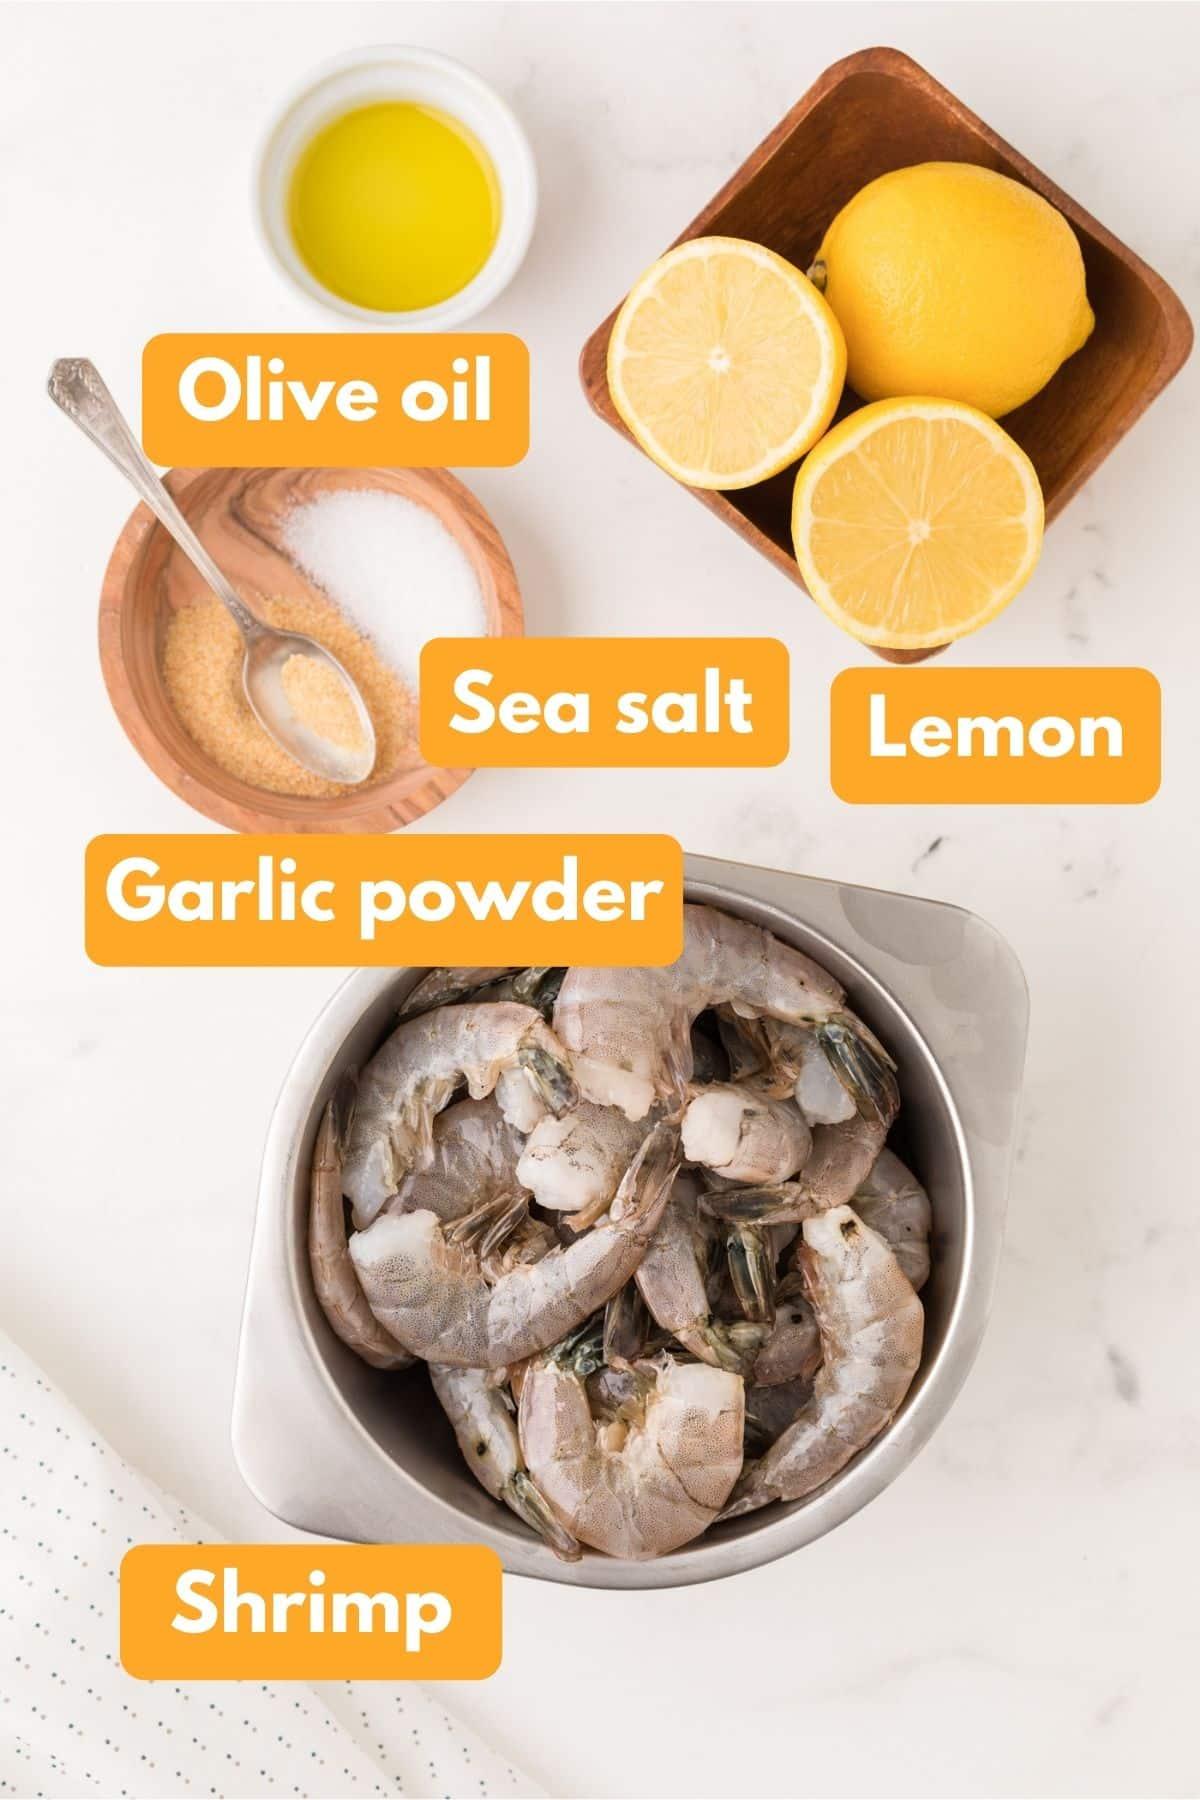 Ingredients for air fryer shrimp